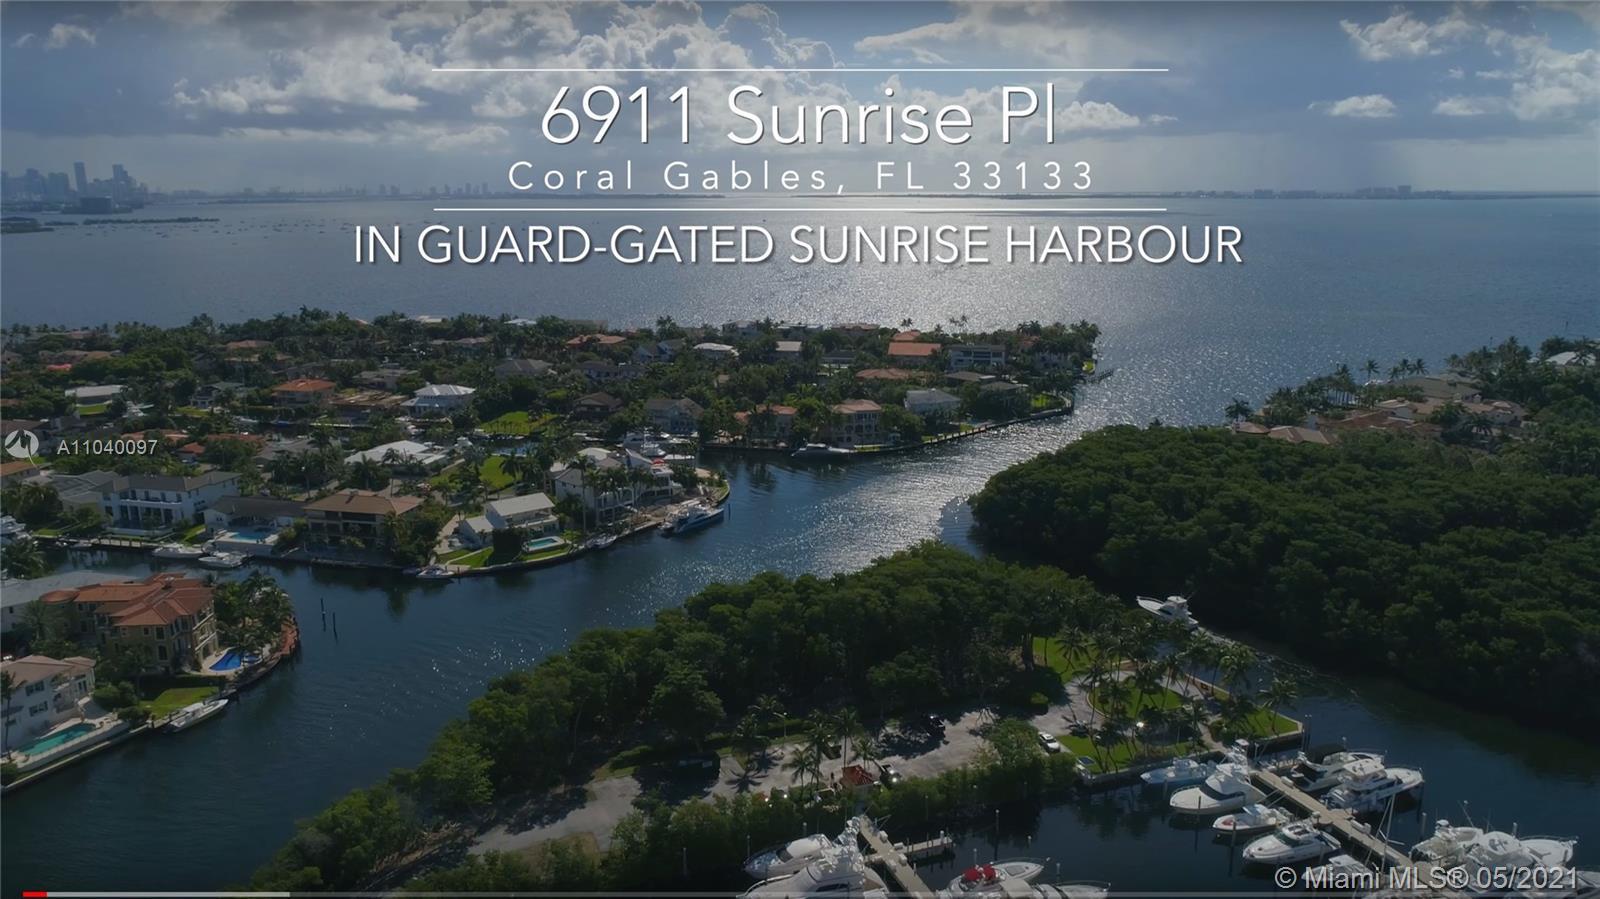 6911 Sunrise Pl Luxury Real Estate